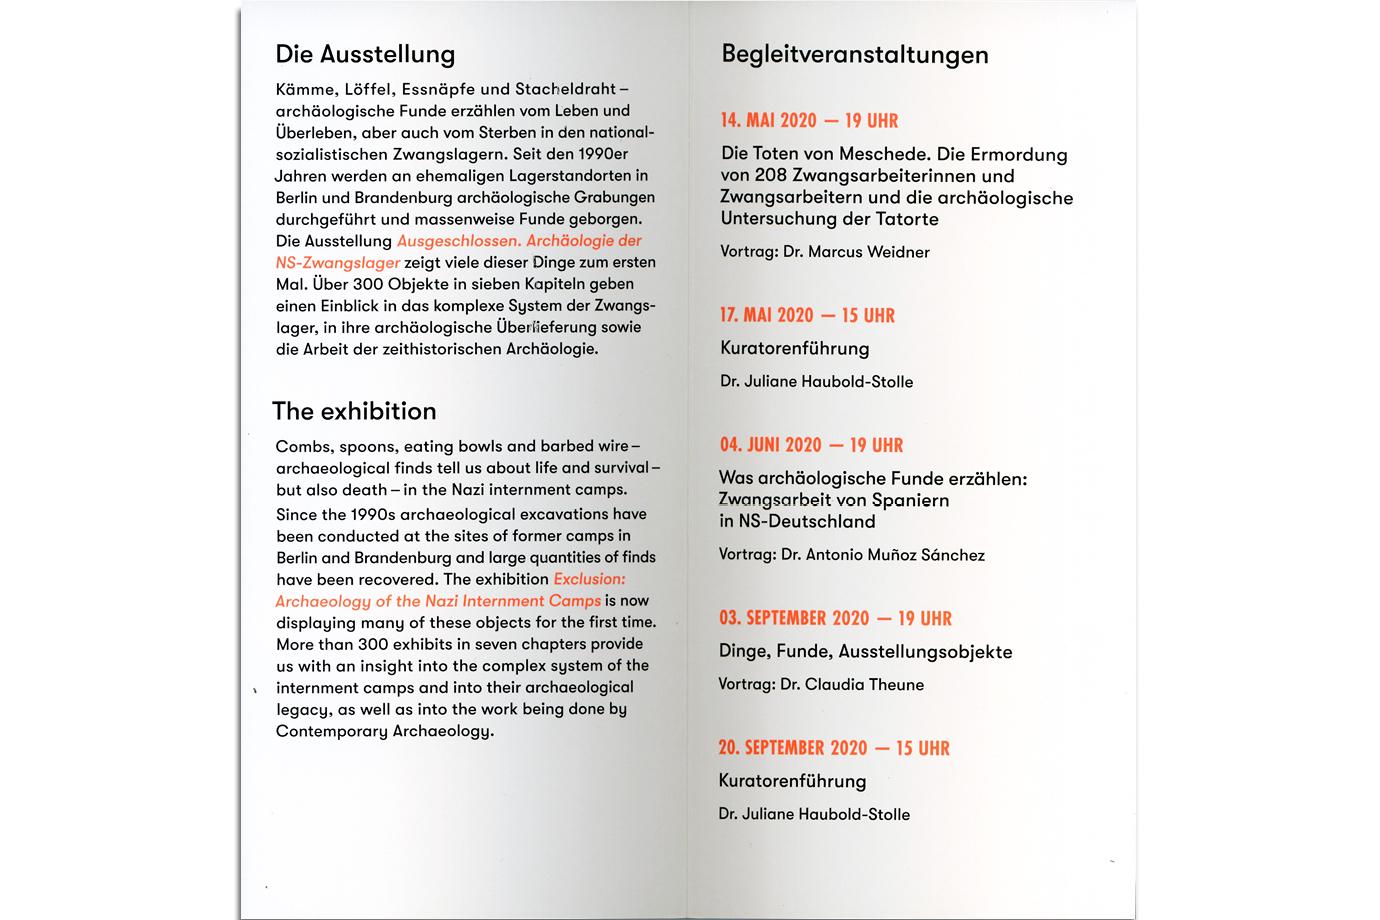 http://e-o-t.de/wordpress/wp-content/uploads/2020/04/Ausgeschlossen-Flyer-Web3.jpg